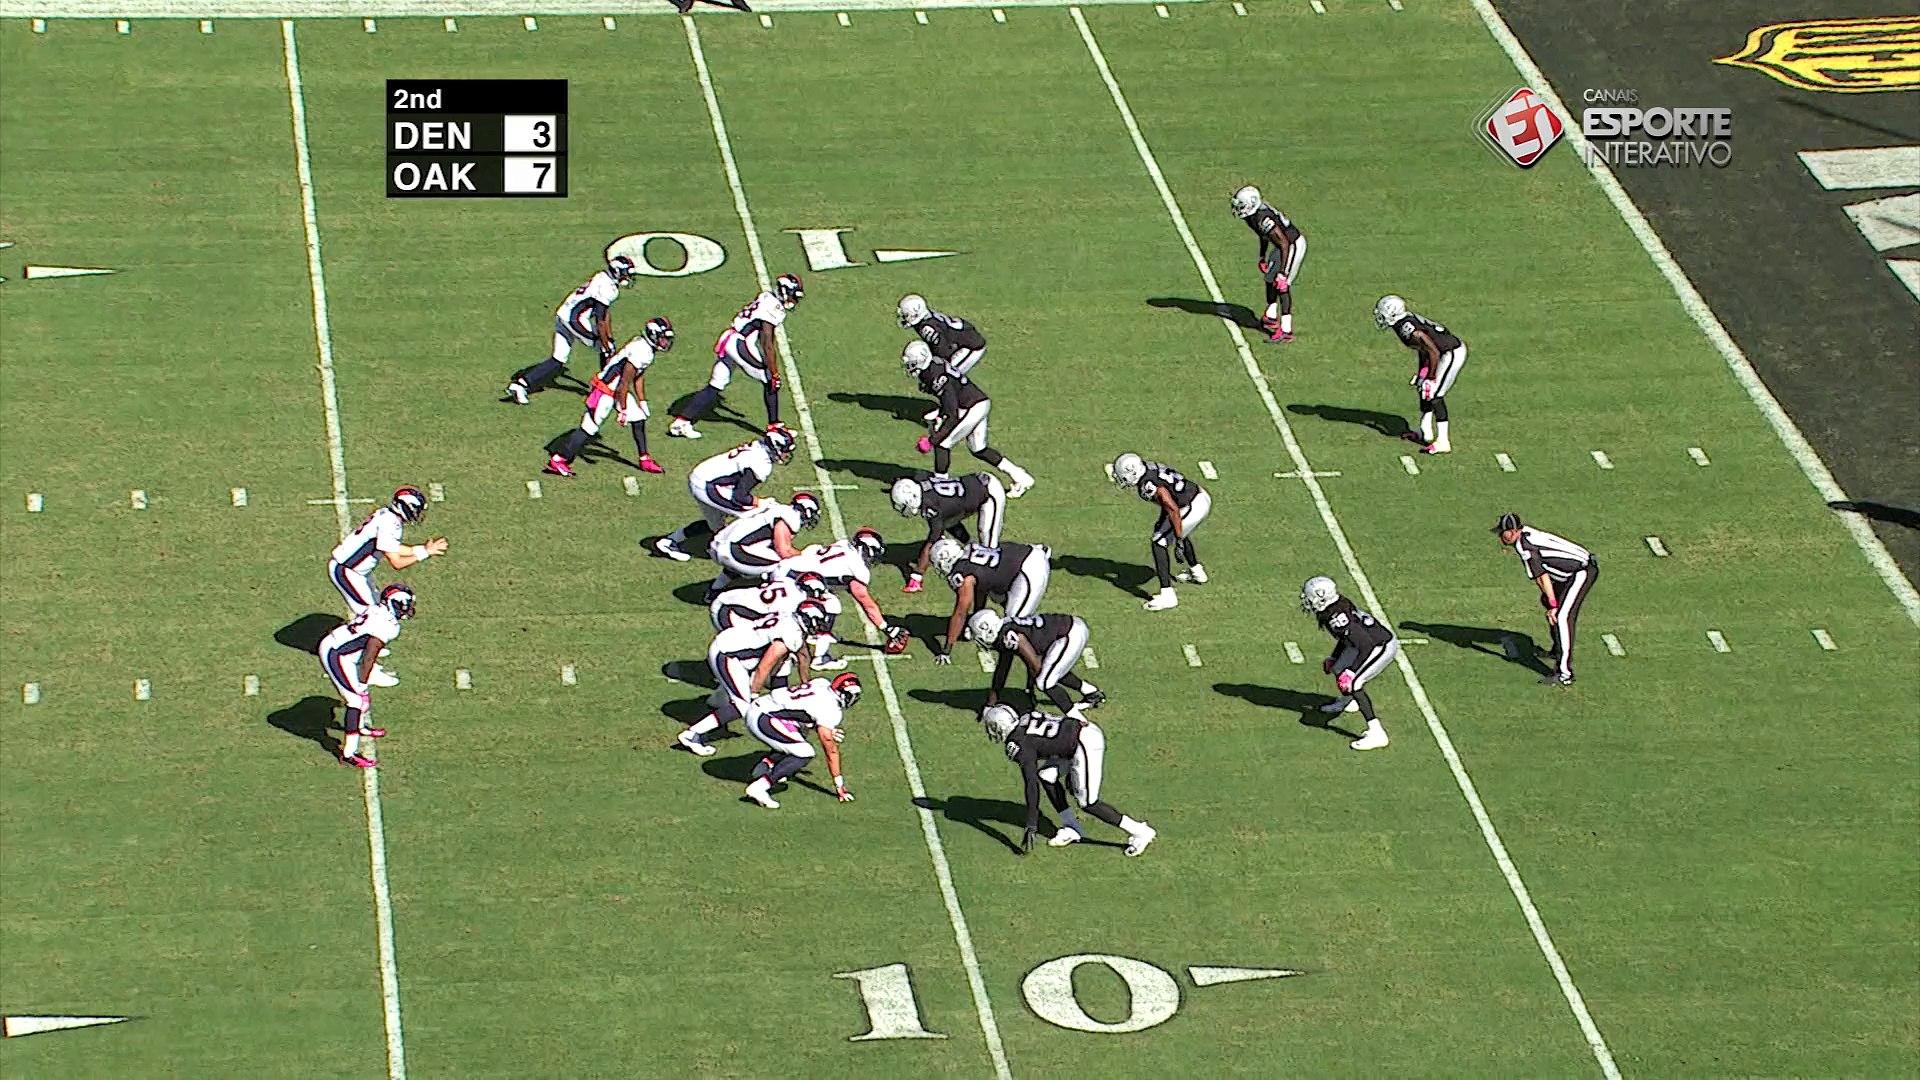 História da semana 5 da NFL - Charles Woodson, Oakland Raiders